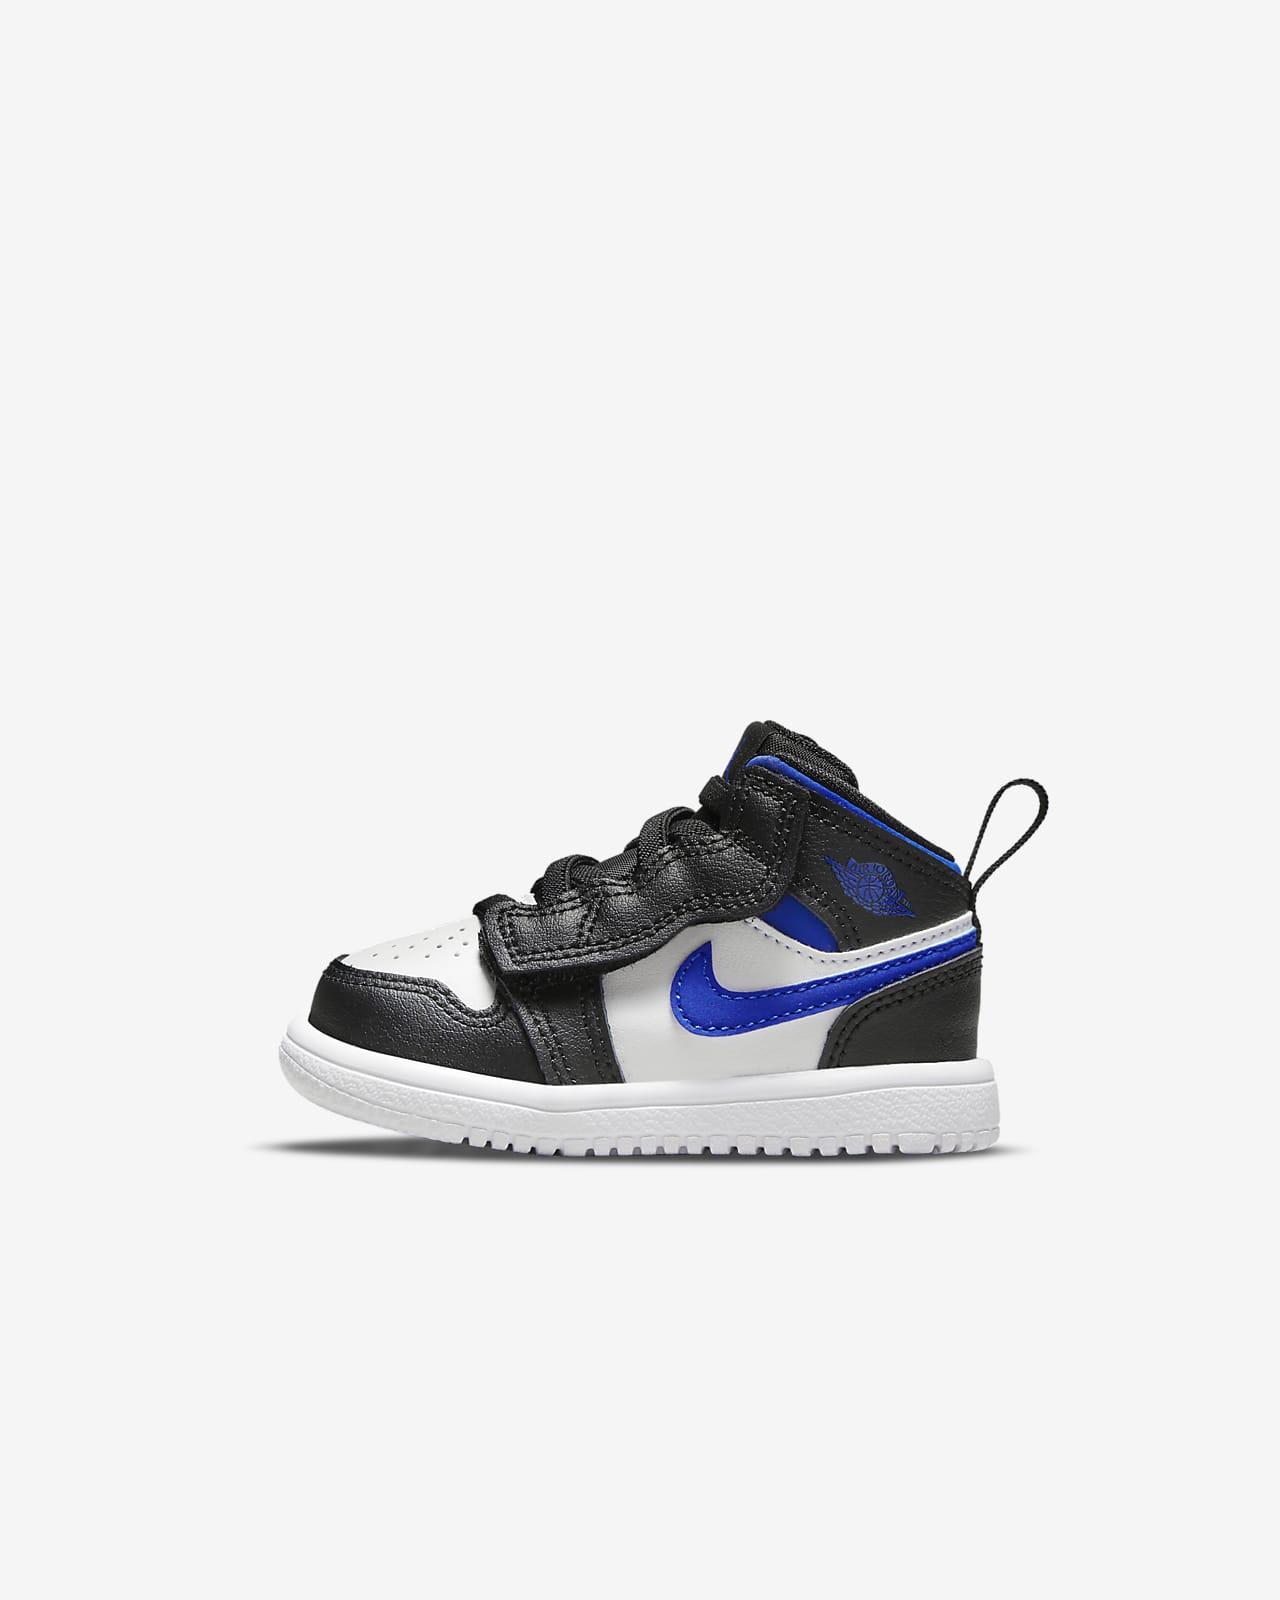 Jordan 1 Mid sko til sped-/småbarn